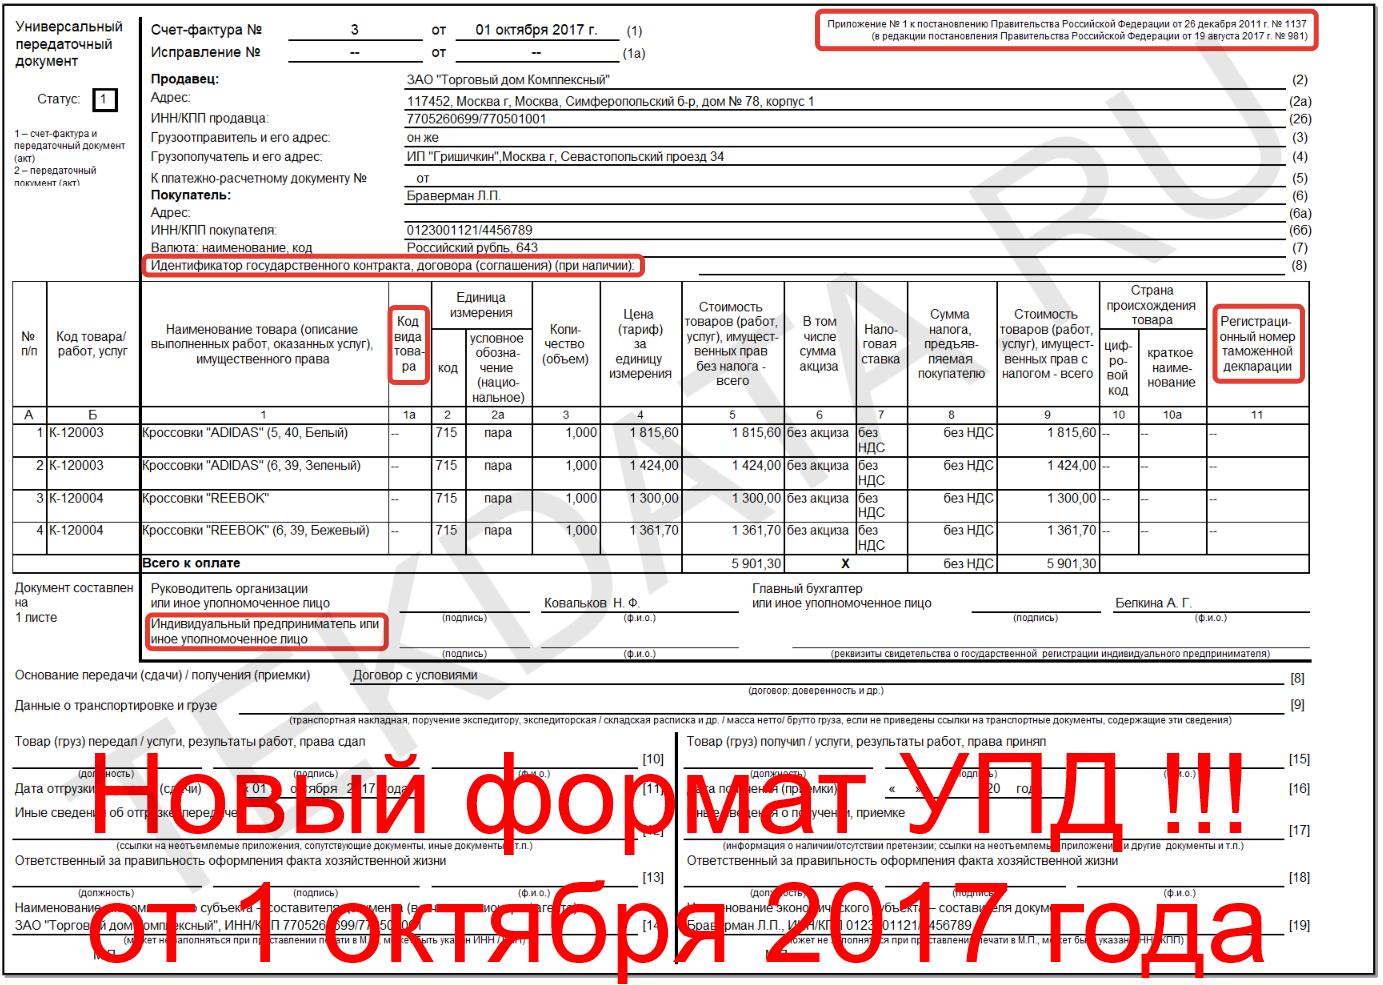 УПД для 1С УНФ 1.4.8.3-1.6.9.26 (НОВЫЙ ФОРМАТ ⚑ от 1-го Октября 2017!) (Внешняя печатная форма)